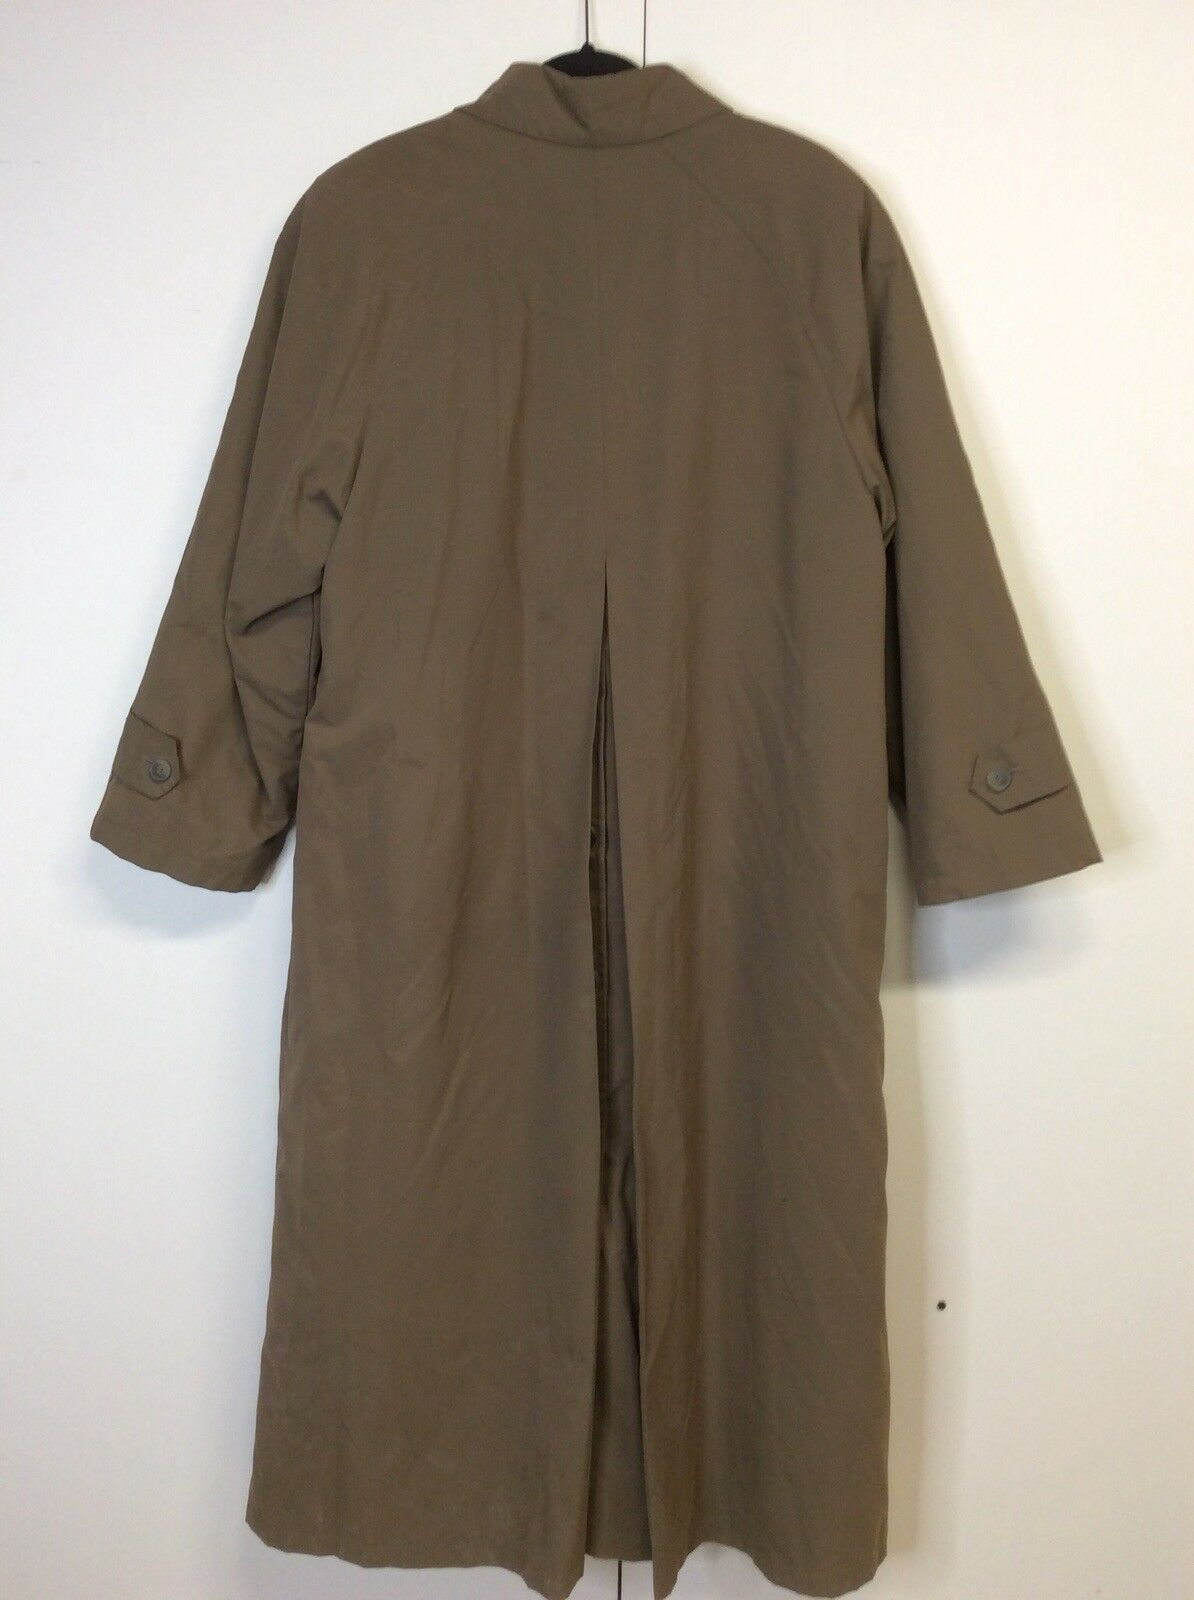 London Fog Women's Fleece Lined Over Coat Coat Coat long Length Sz 8   70a40e